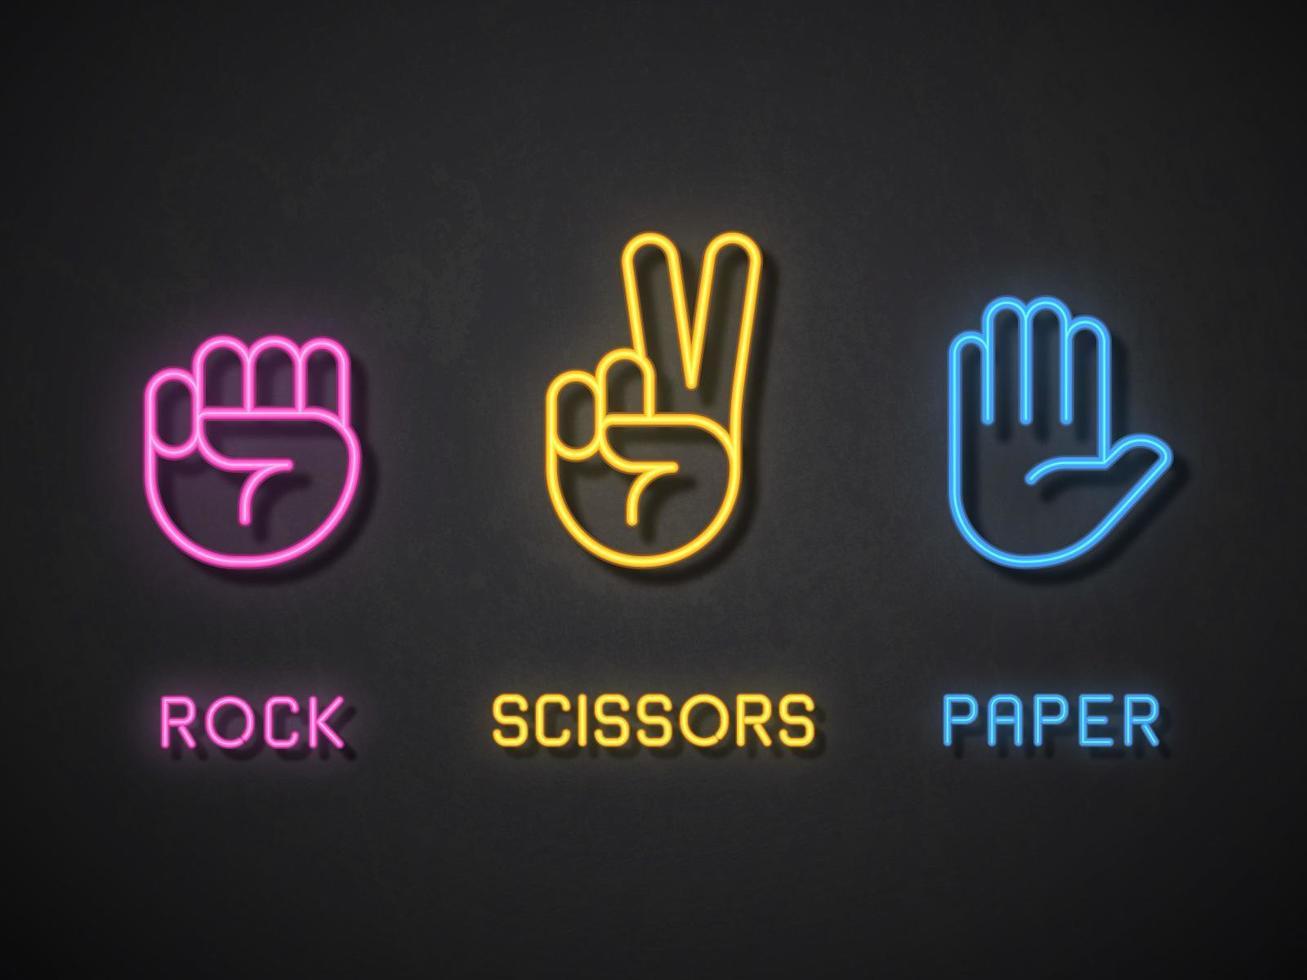 Icone al neon di forbici di carta rock vettore